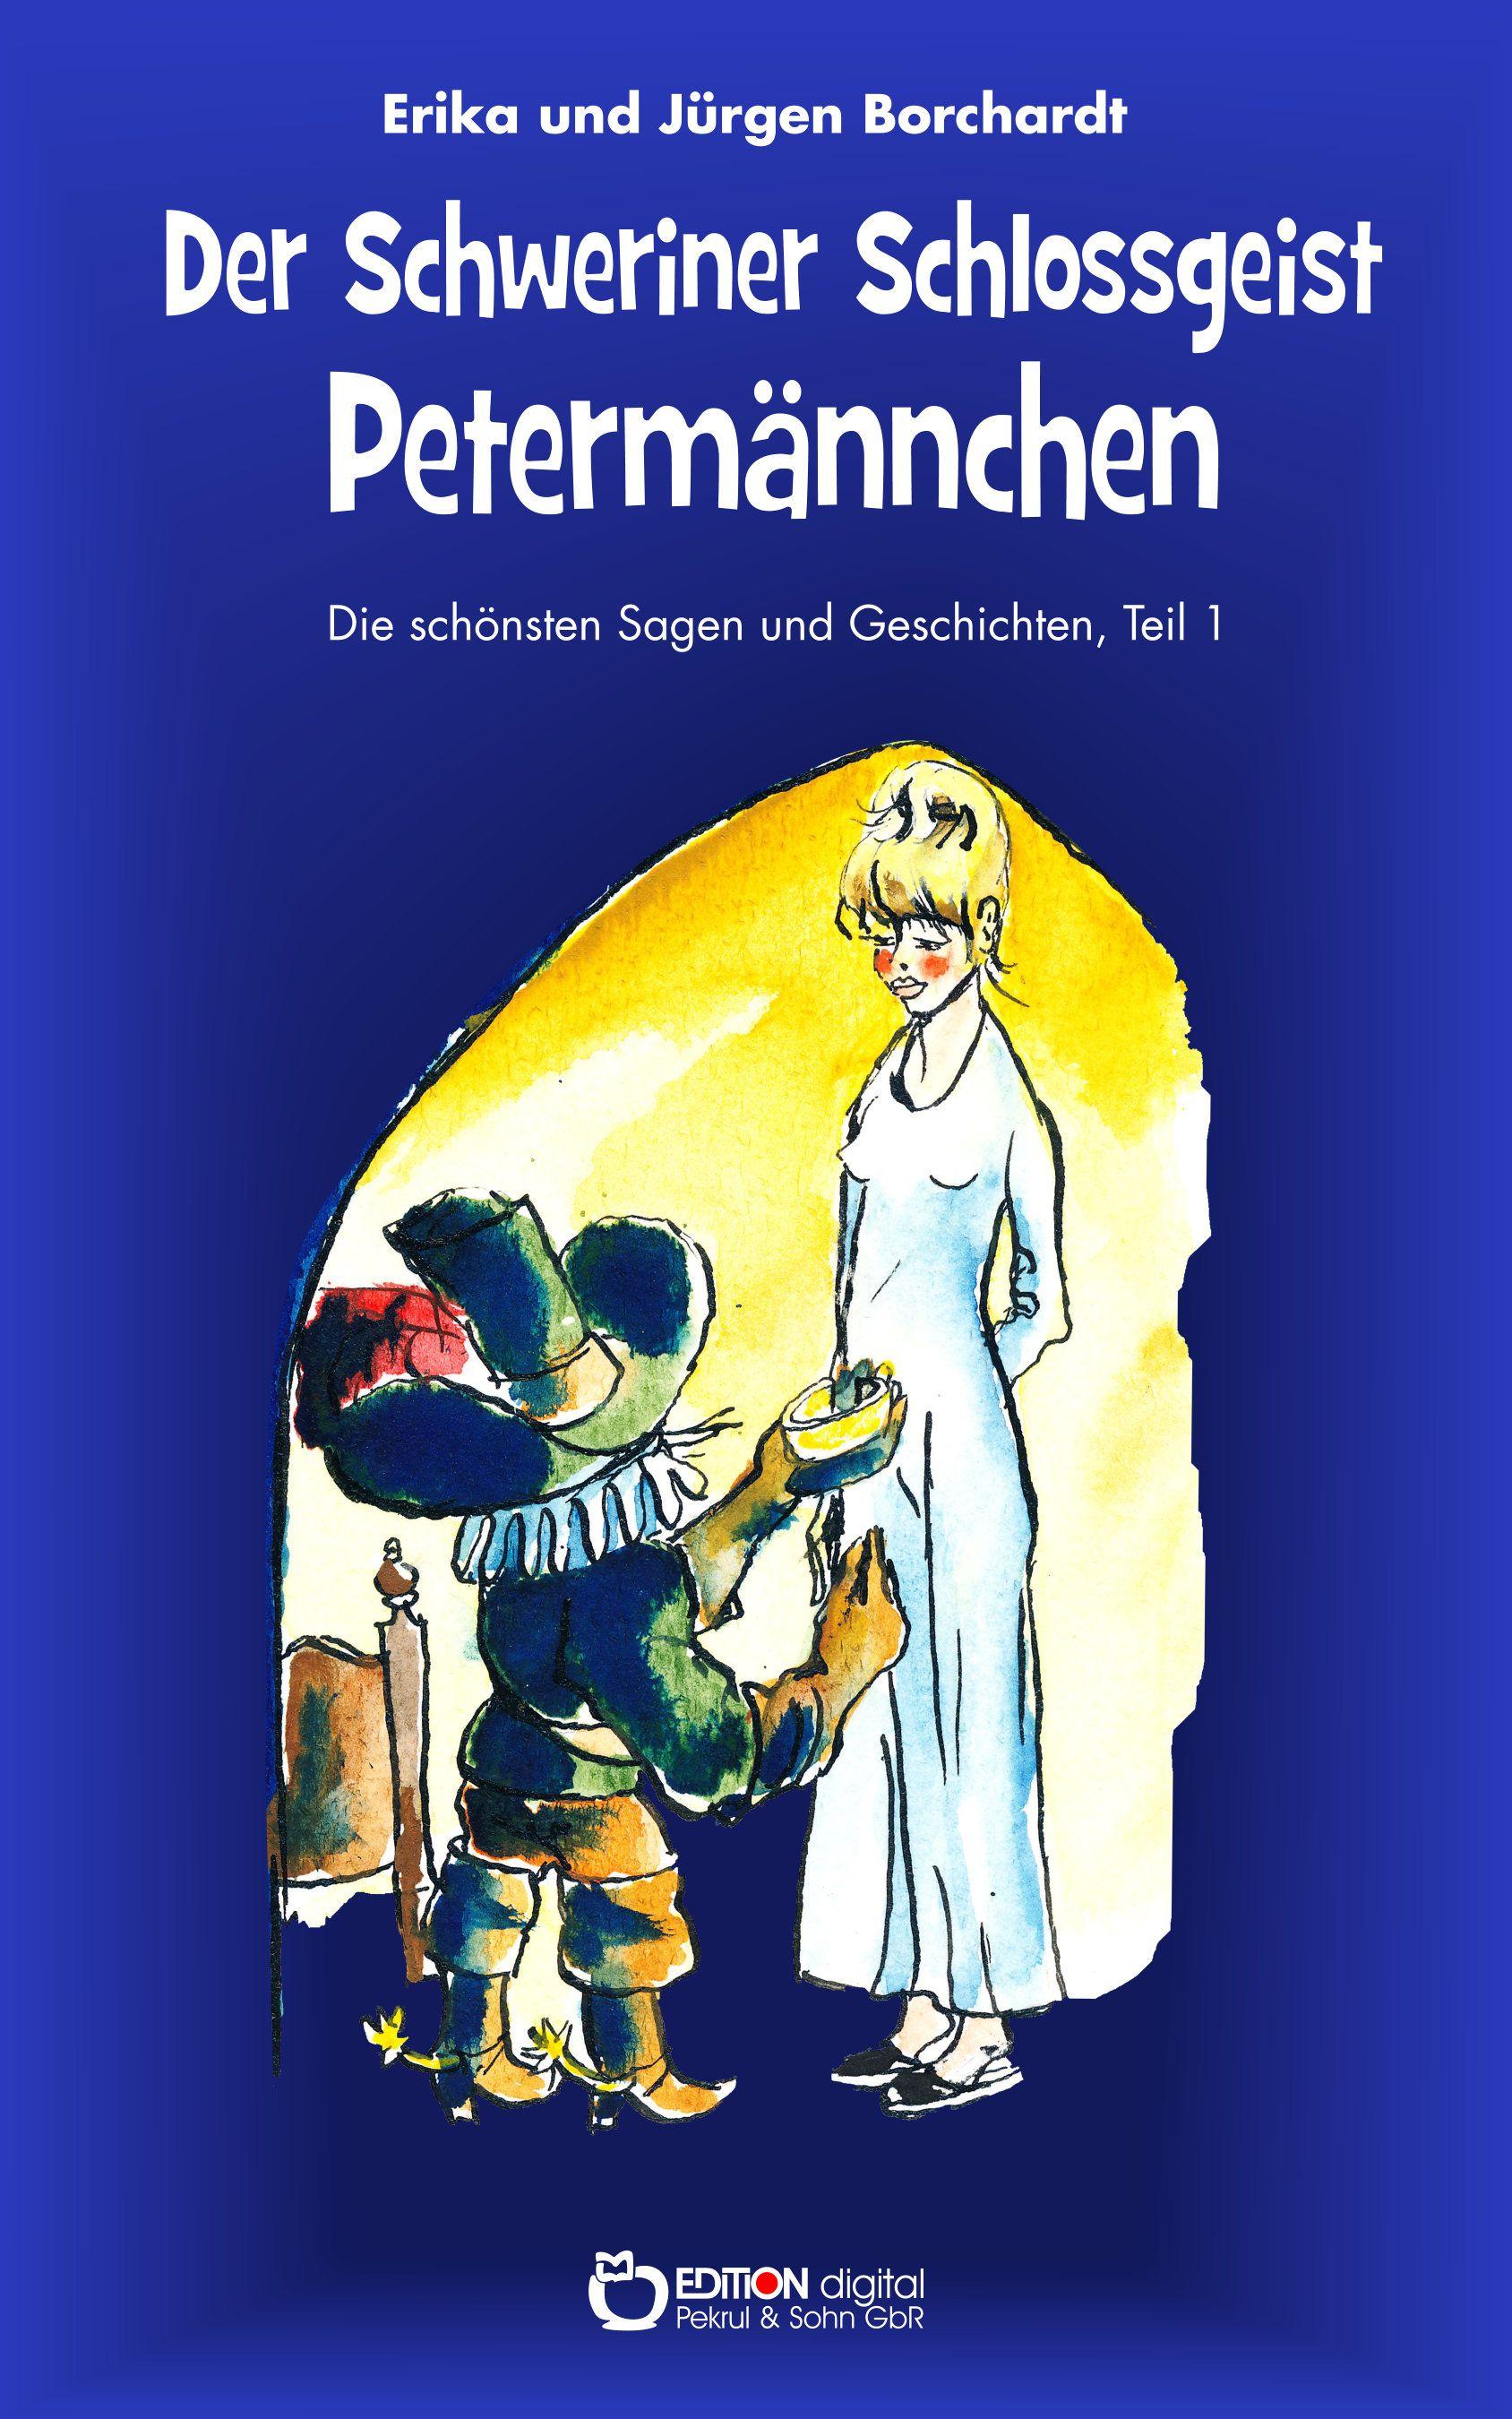 Die schönsten Sagen vom Schweriner Schlossgeist Petermännchen von Erika Borchardt, Jürgen Borchardt (Autor)